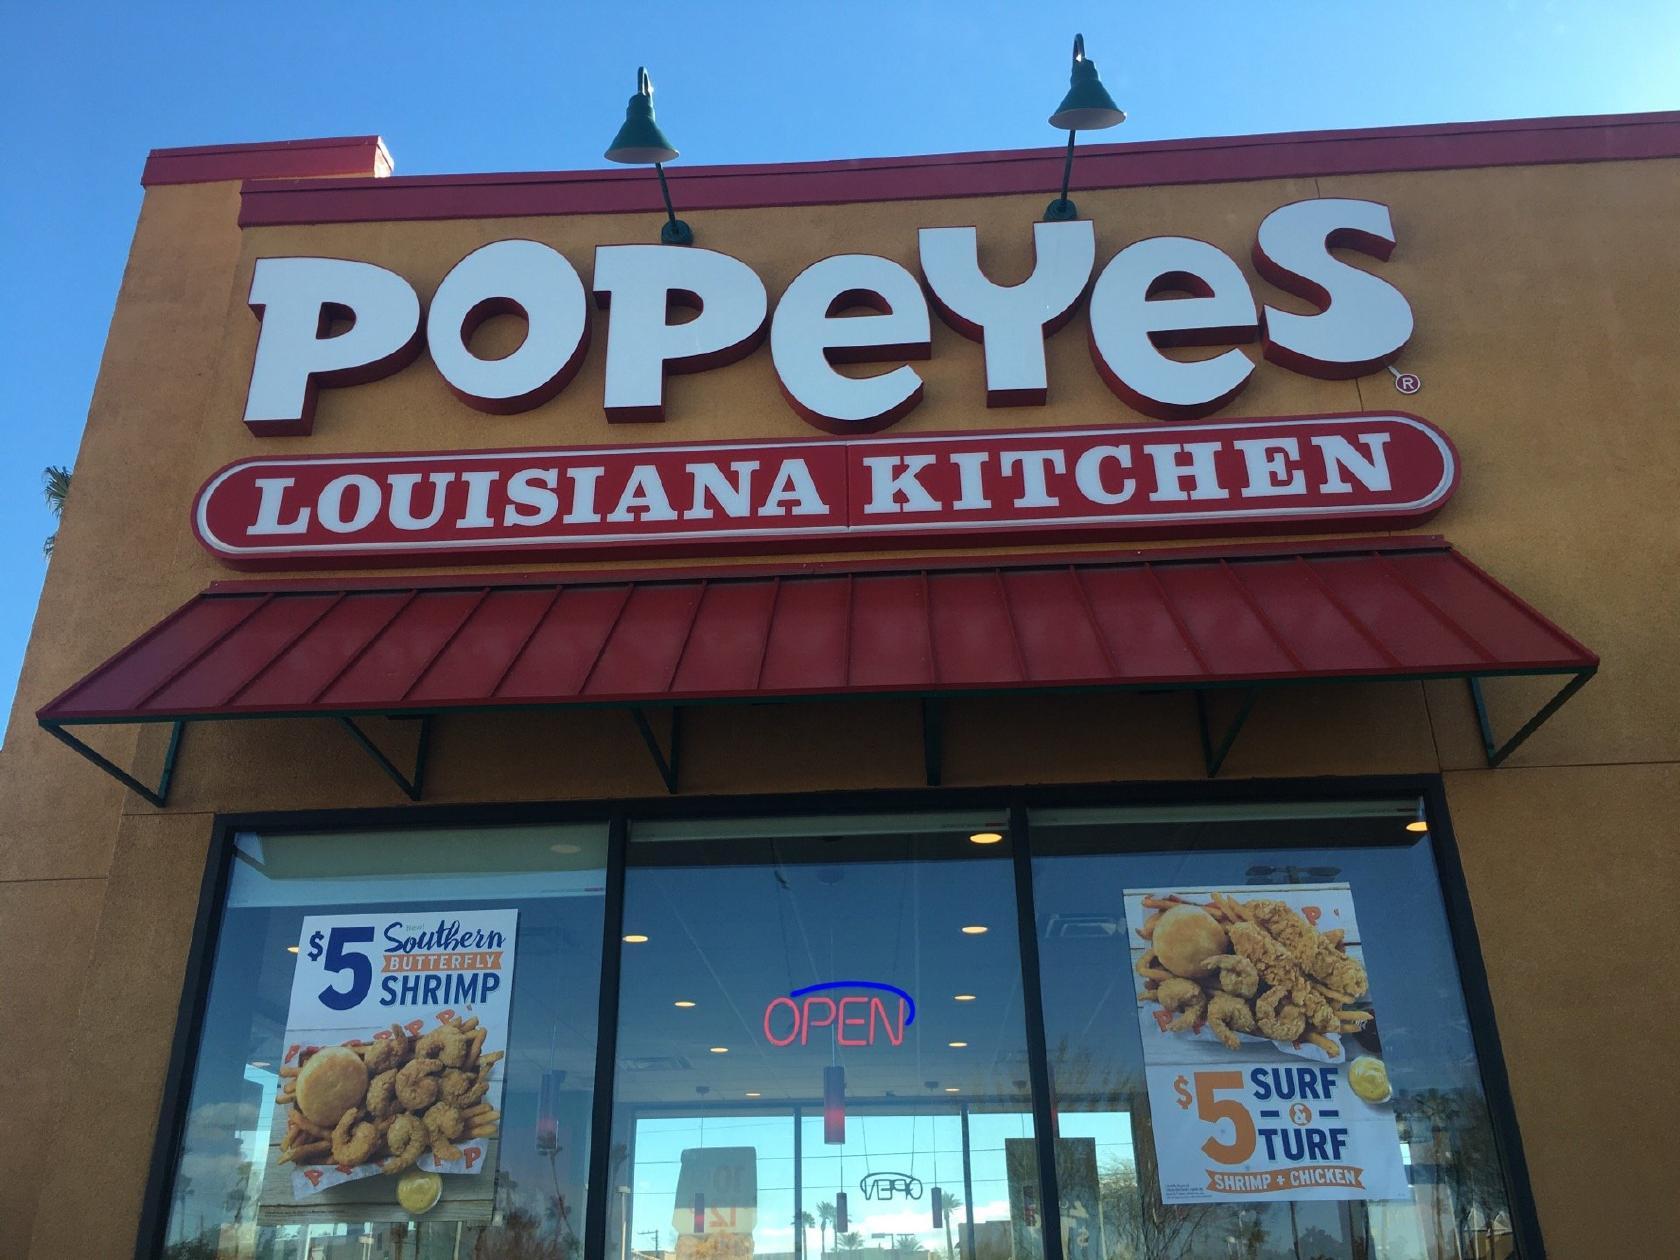 Popeyes Louisiana Kitchen 4001 S Decatur Blvd In Las Vegas Restaurant Reviews